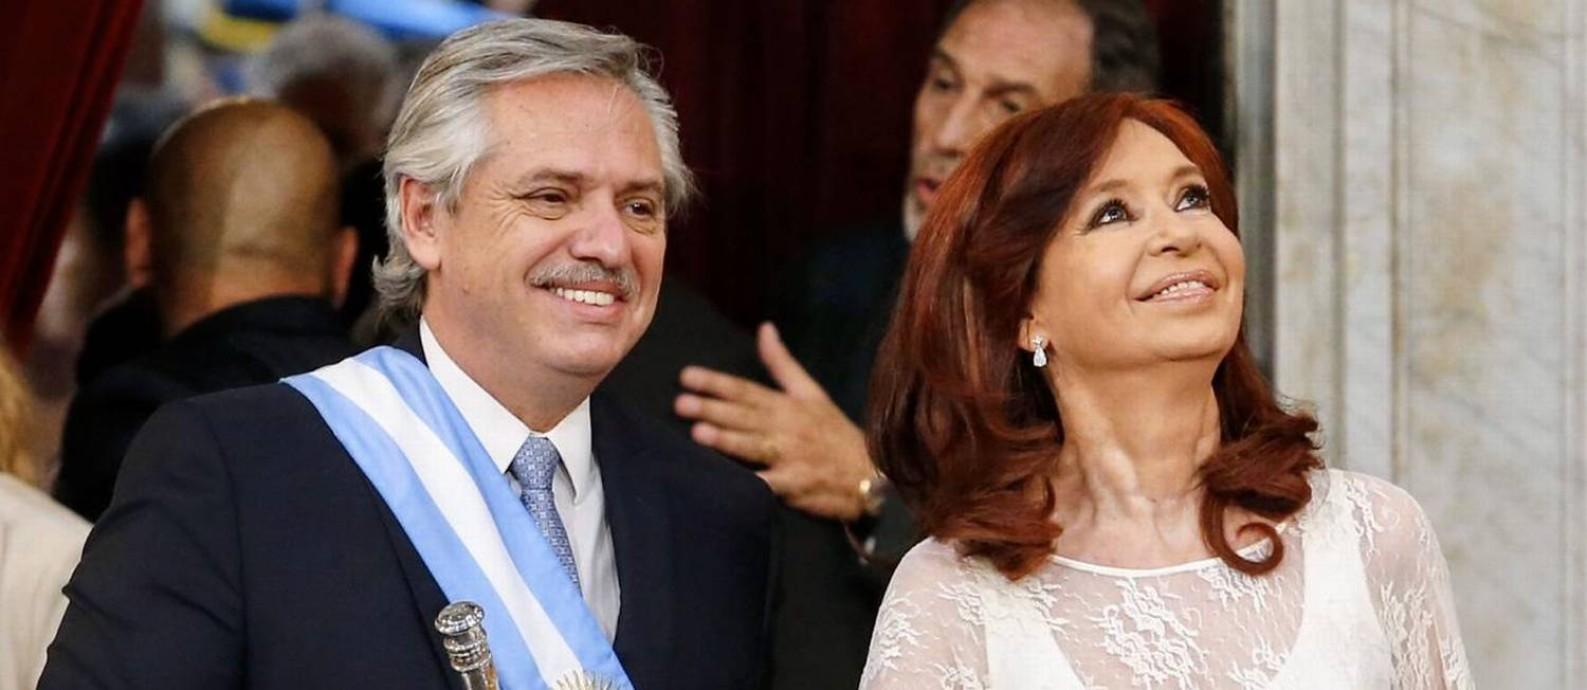 Fernández ao tomar posse, ao lado da vice Cristina Kirchner: reforma da Justiça Foto: Divulgação